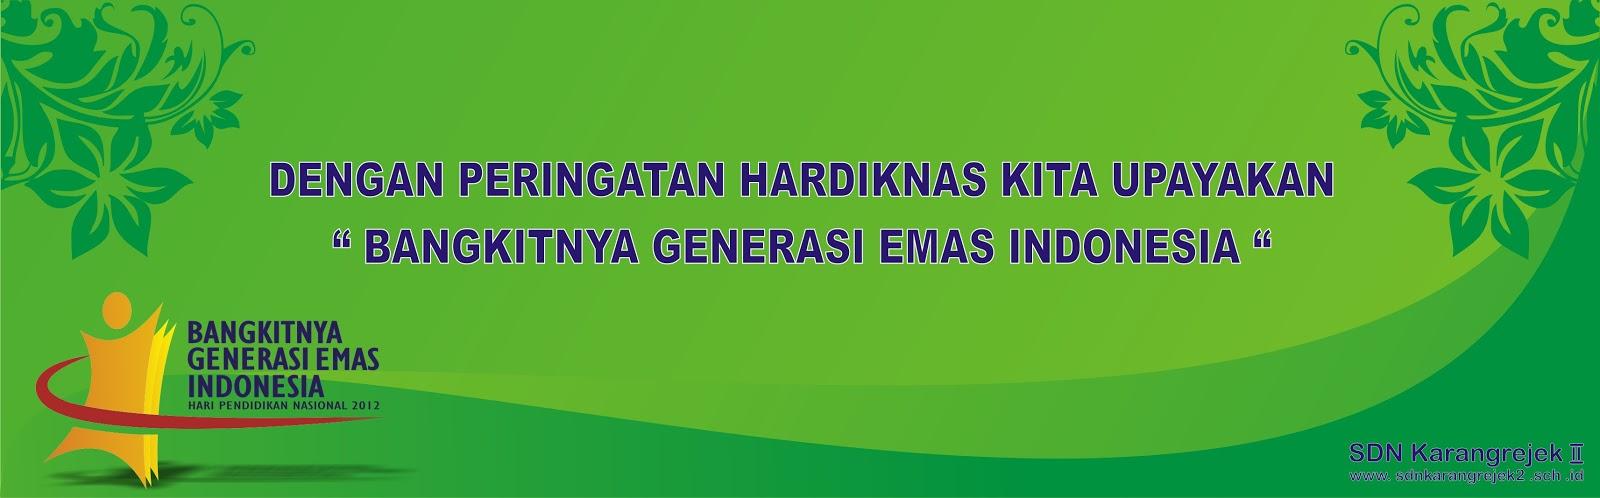 Contoh Banner Silah Kan Download Cdr Nya Pada Menu Kami